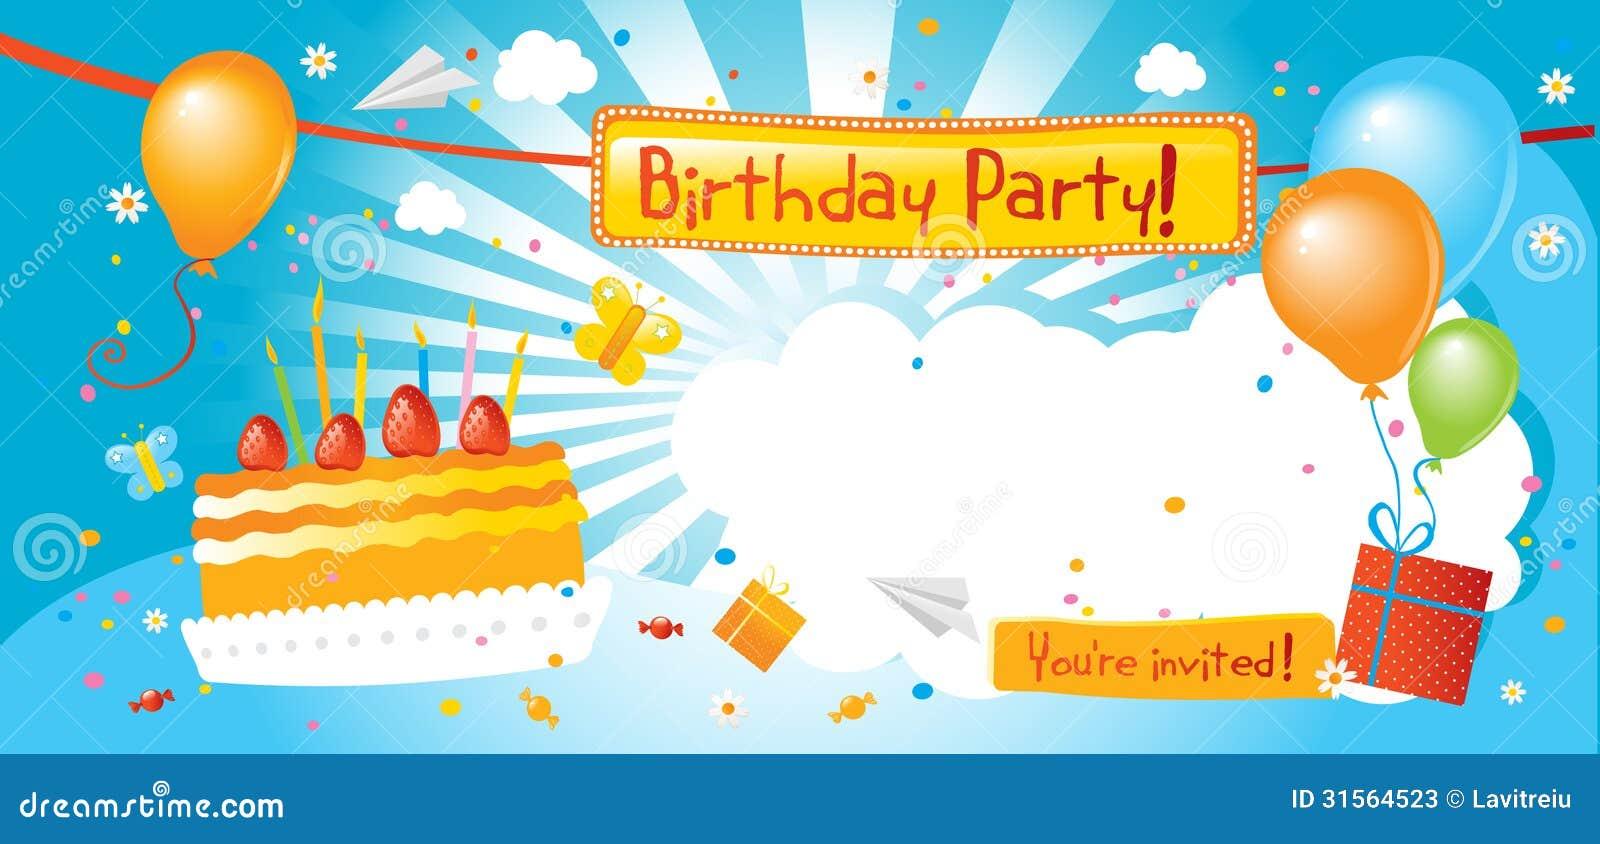 Πρόσκληση γιορτής γενεθλίων